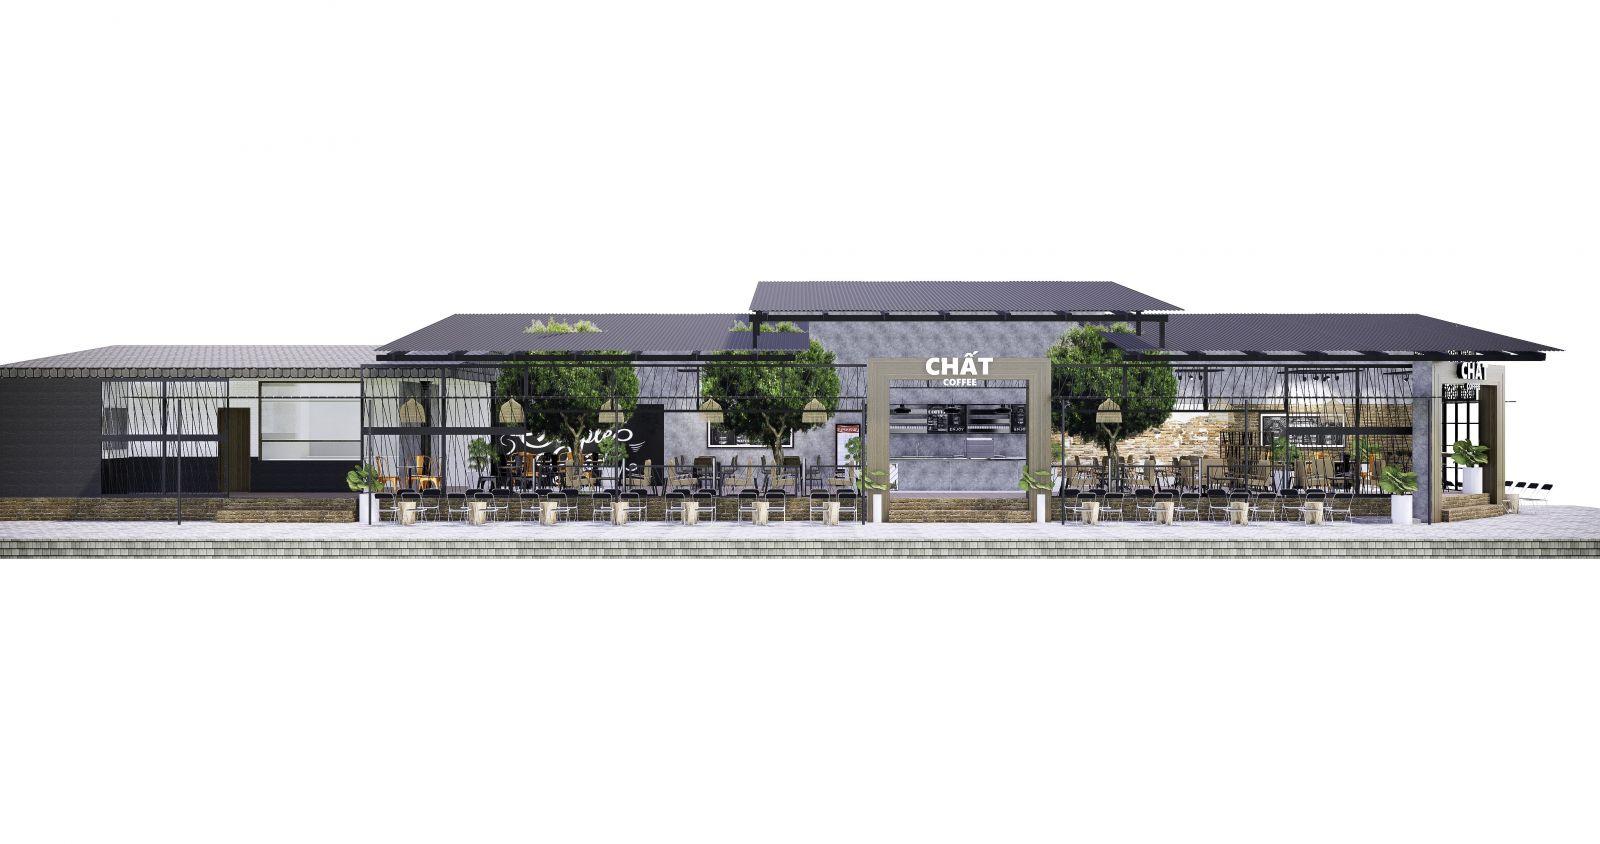 mặt tiền rộng của quán cafe chất coffee sở hữu